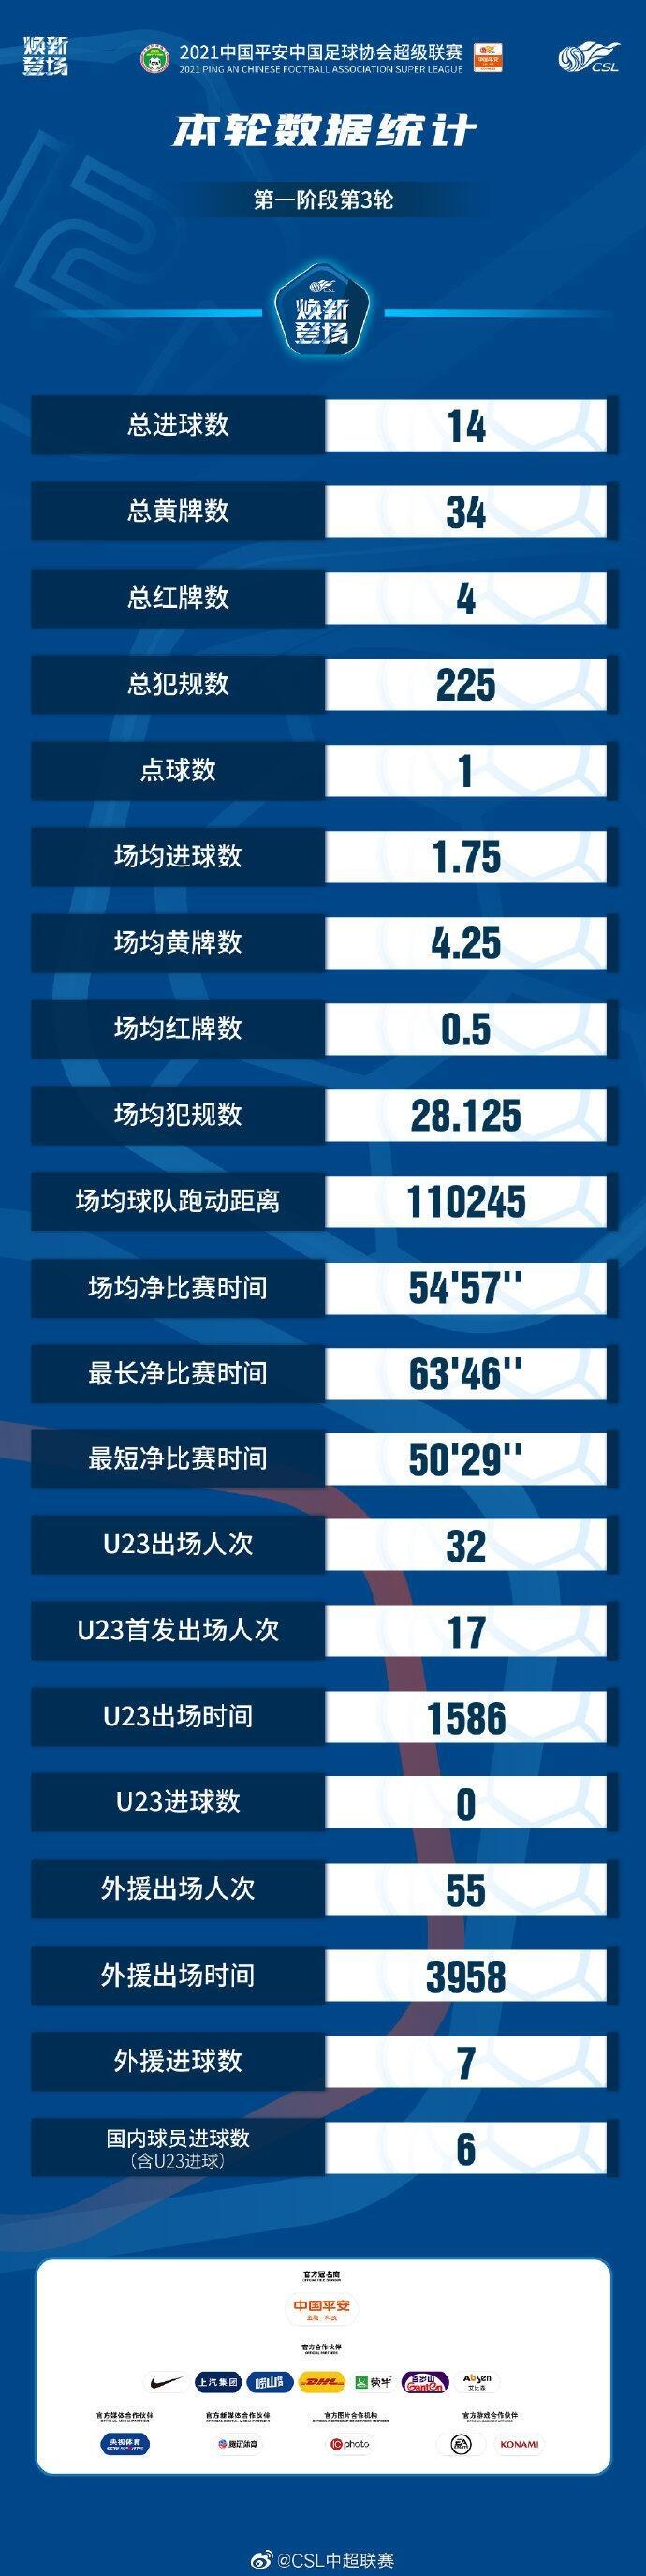 中超第三轮统计:共4张红牌 场均54分57秒